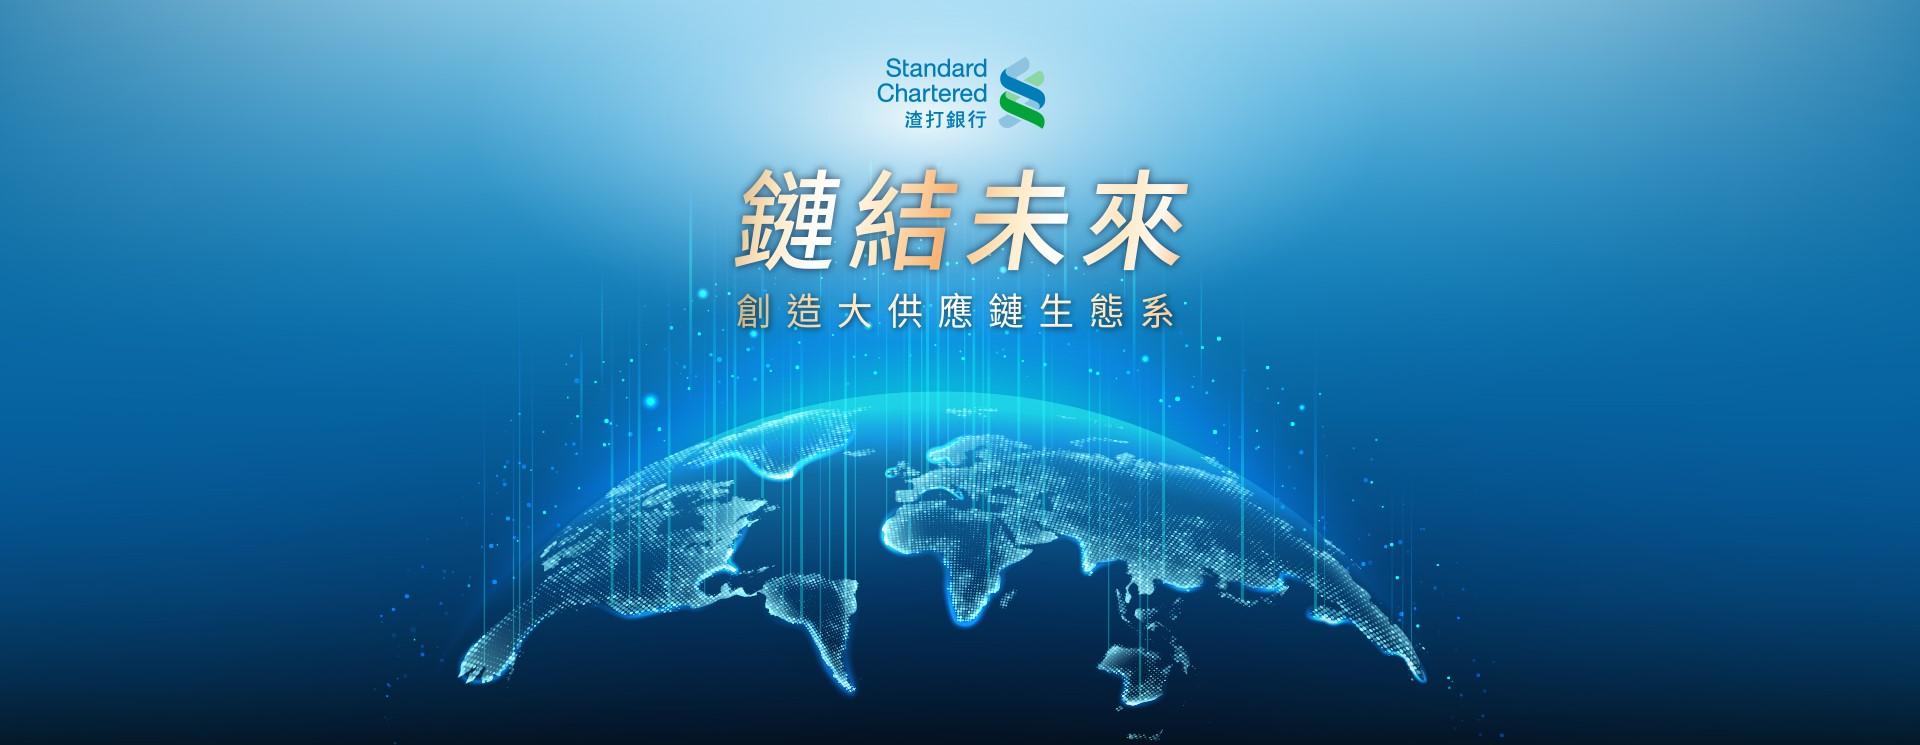 鏈結未來|創造大供應鏈生態系